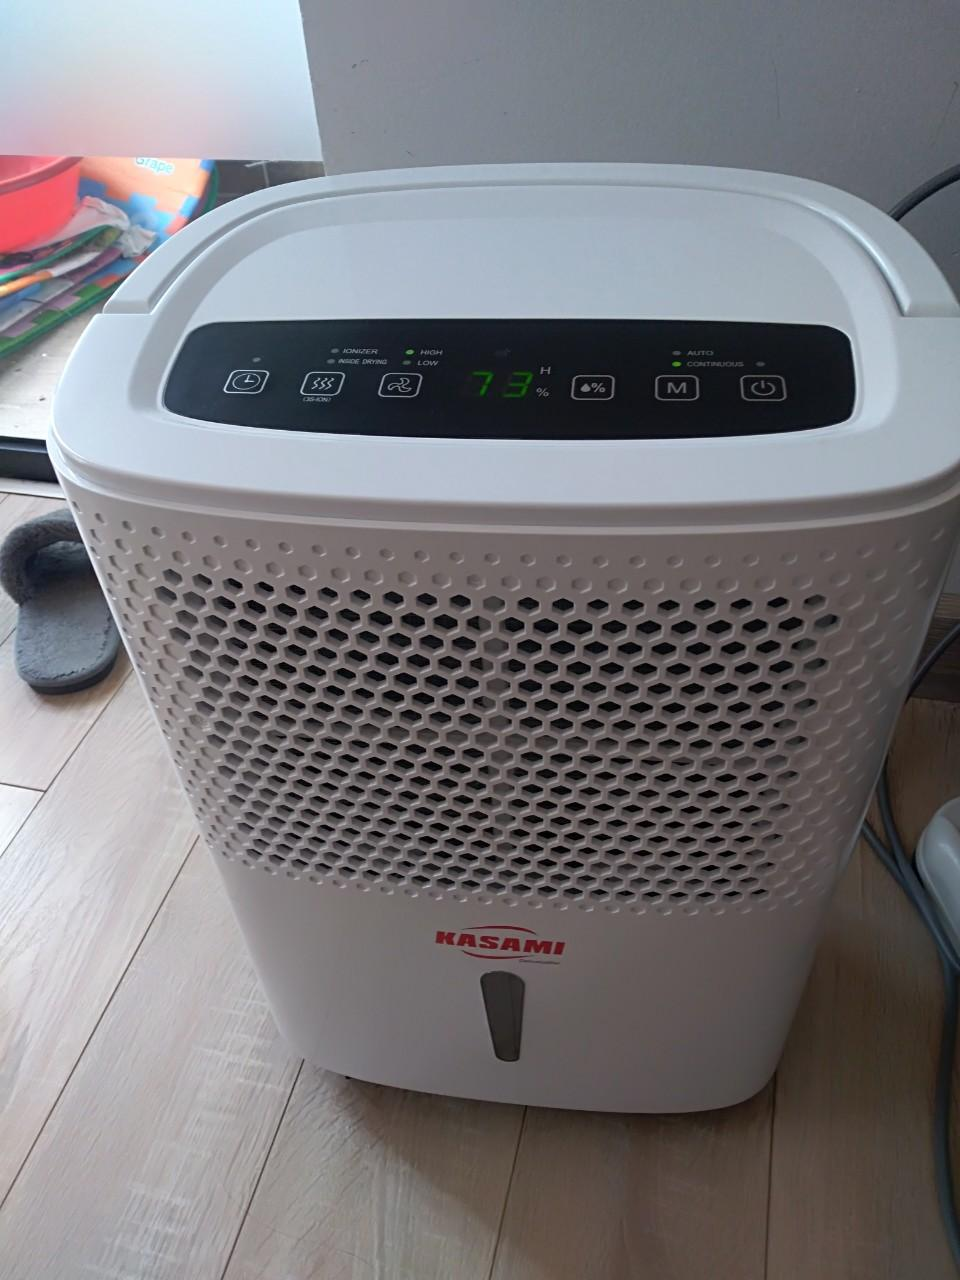 Sử dụng máy hút ẩm gia đình Kasami trong mùa đại dịch